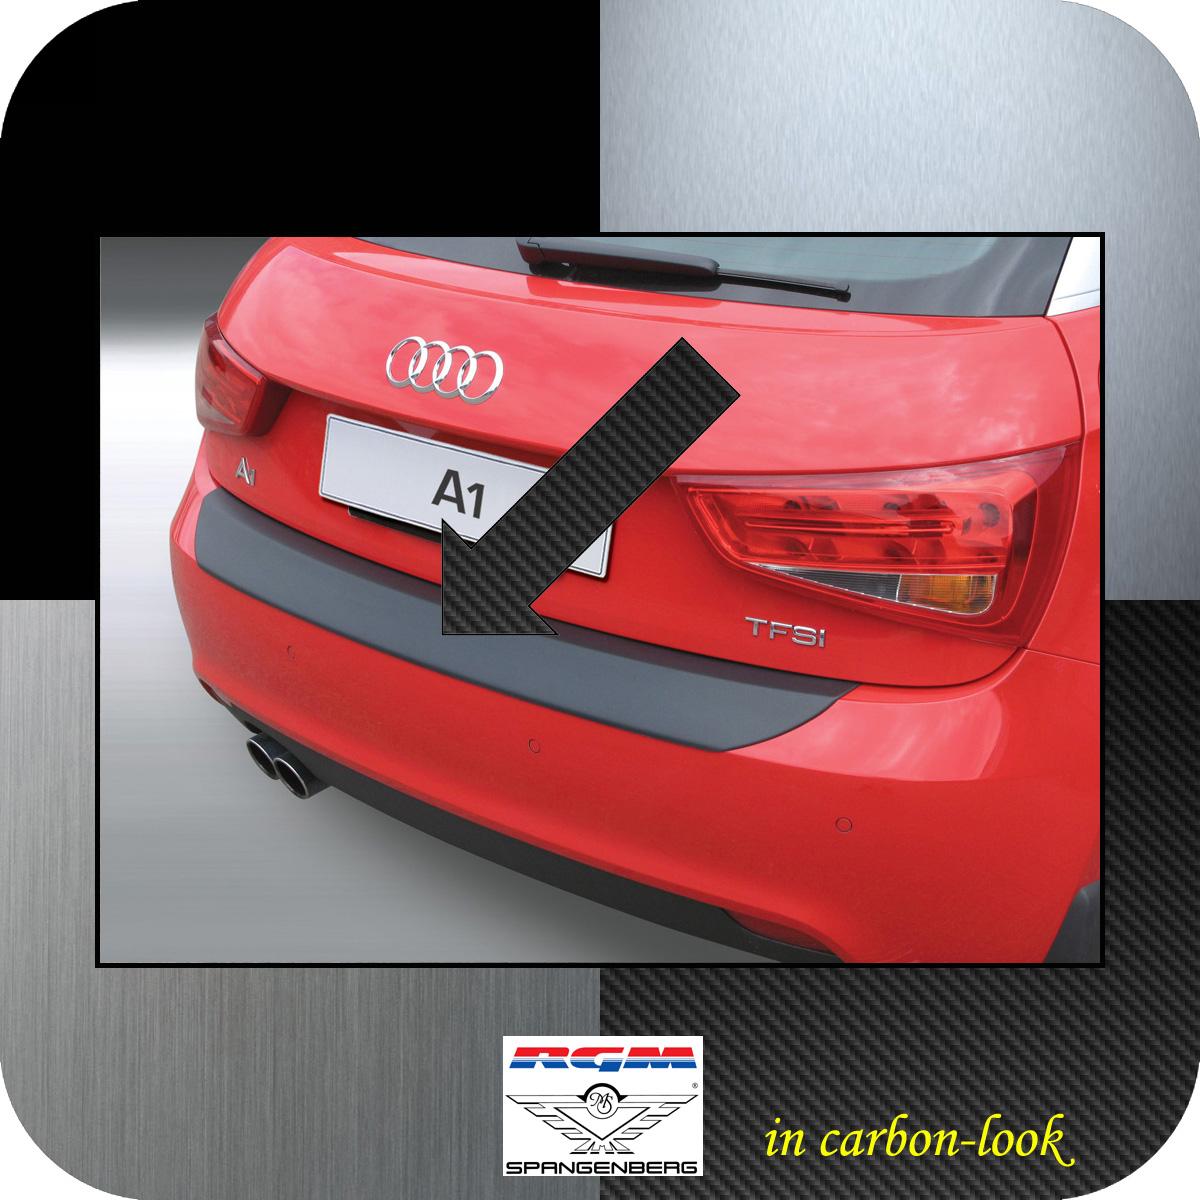 Ladekantenschutz Carbon-Look Audi A1 auch Sportback vor facelift 2010-14 3509513